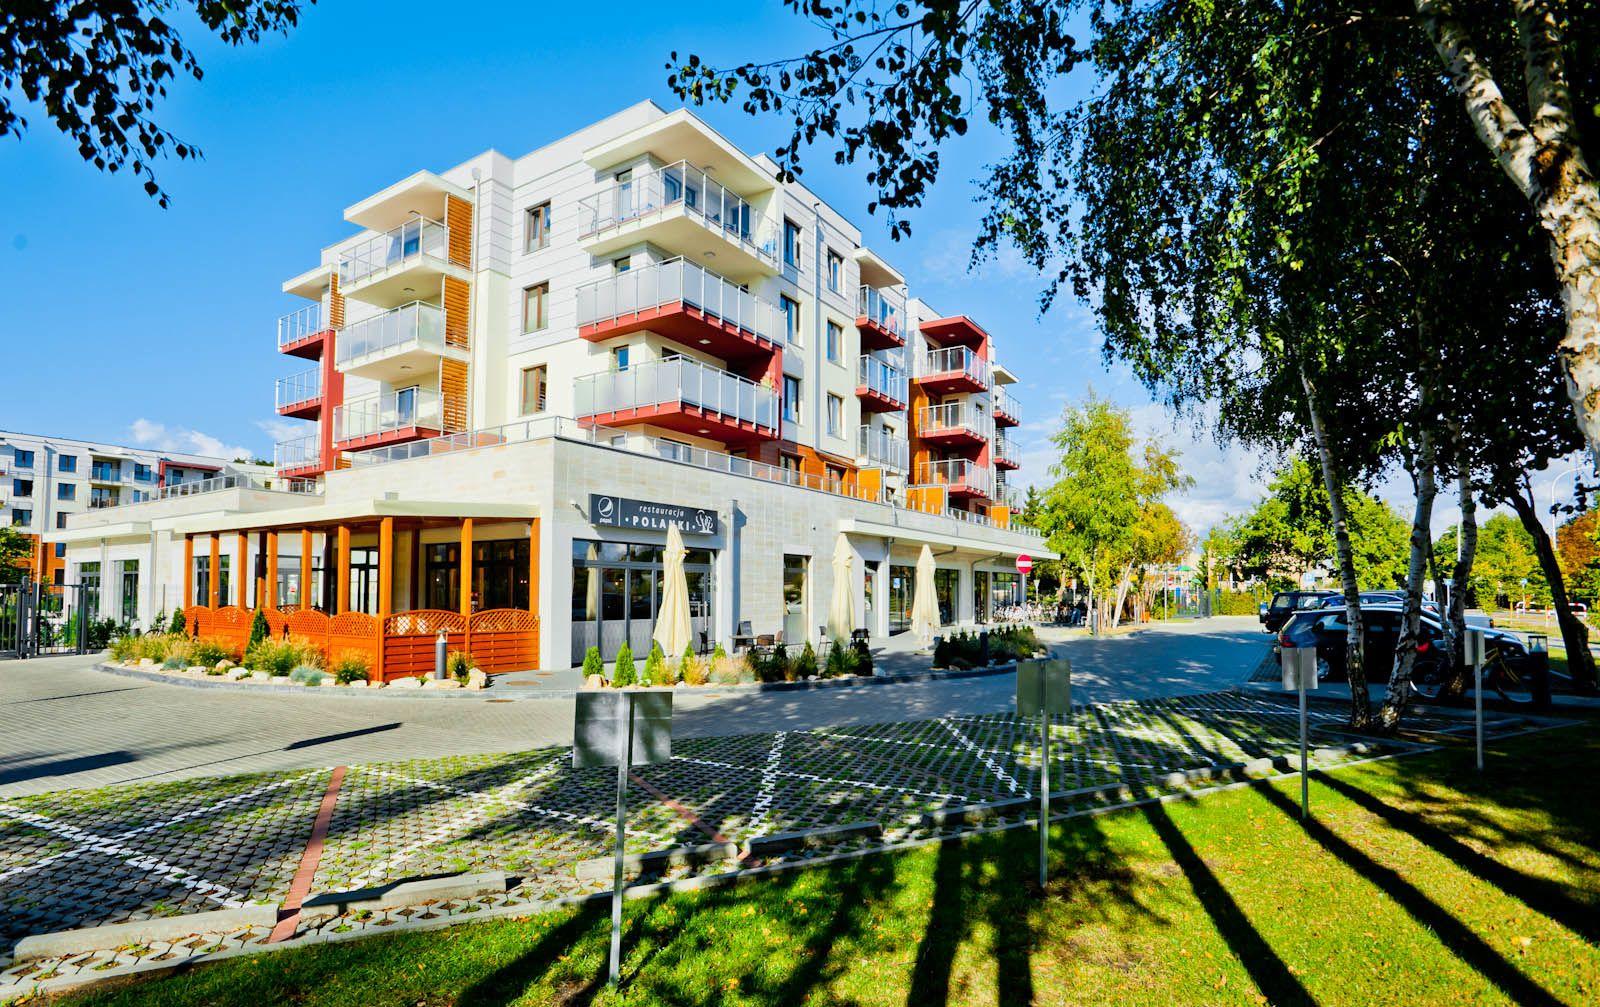 Neuer Komplex mit Restaurant,Schwimmbad.